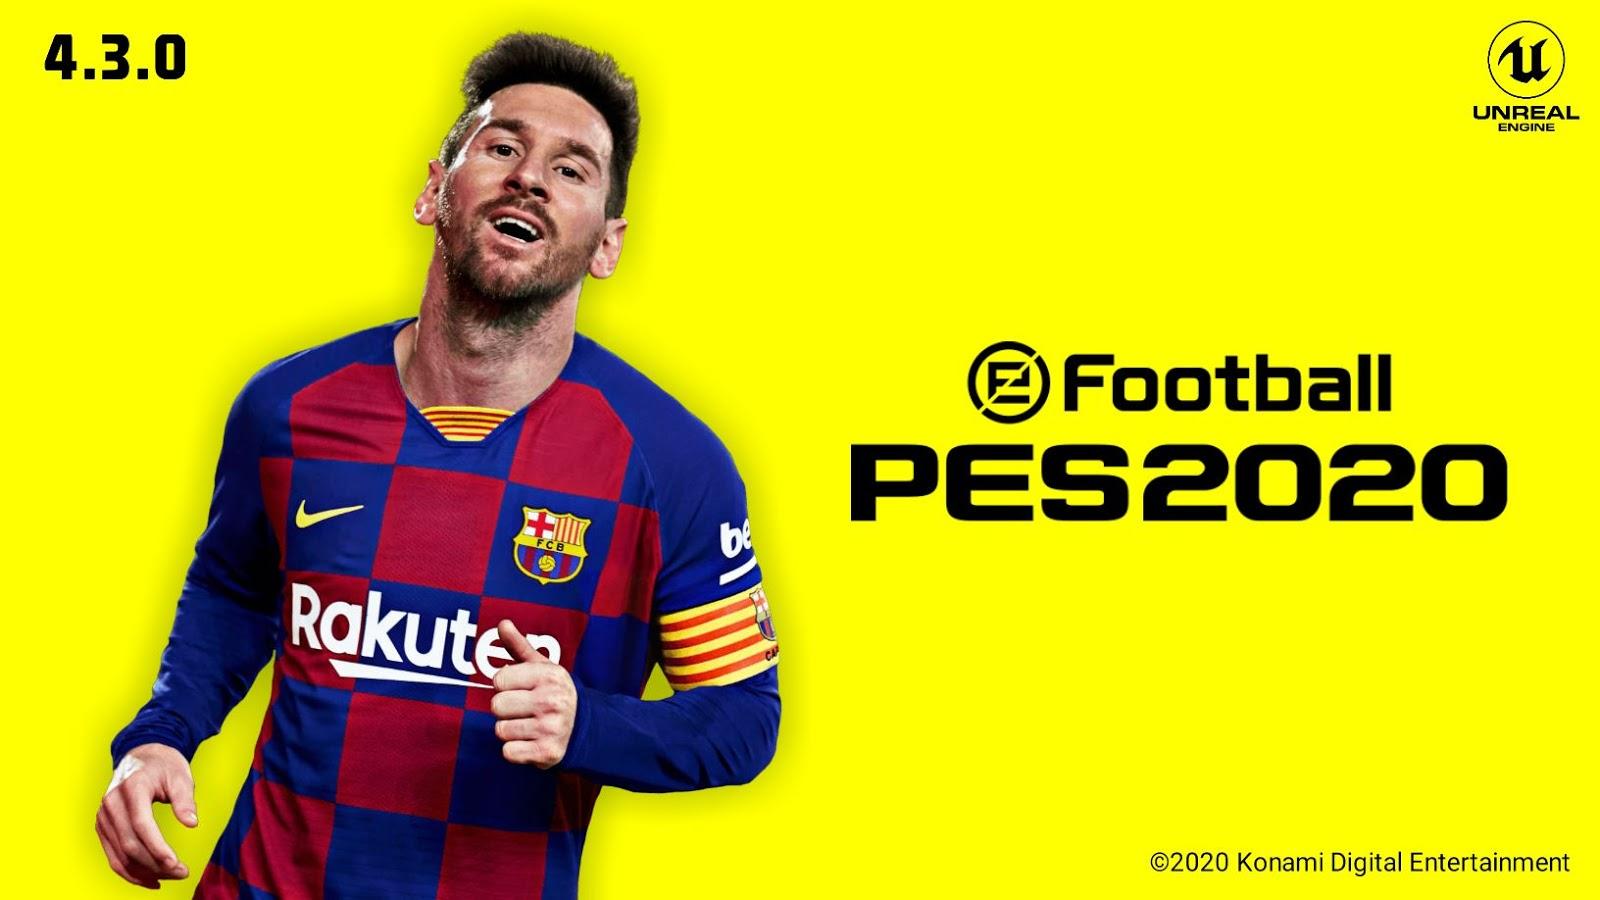 eFootball Pro Evolution Soccer 2020 Mobile v4.3.0 Android